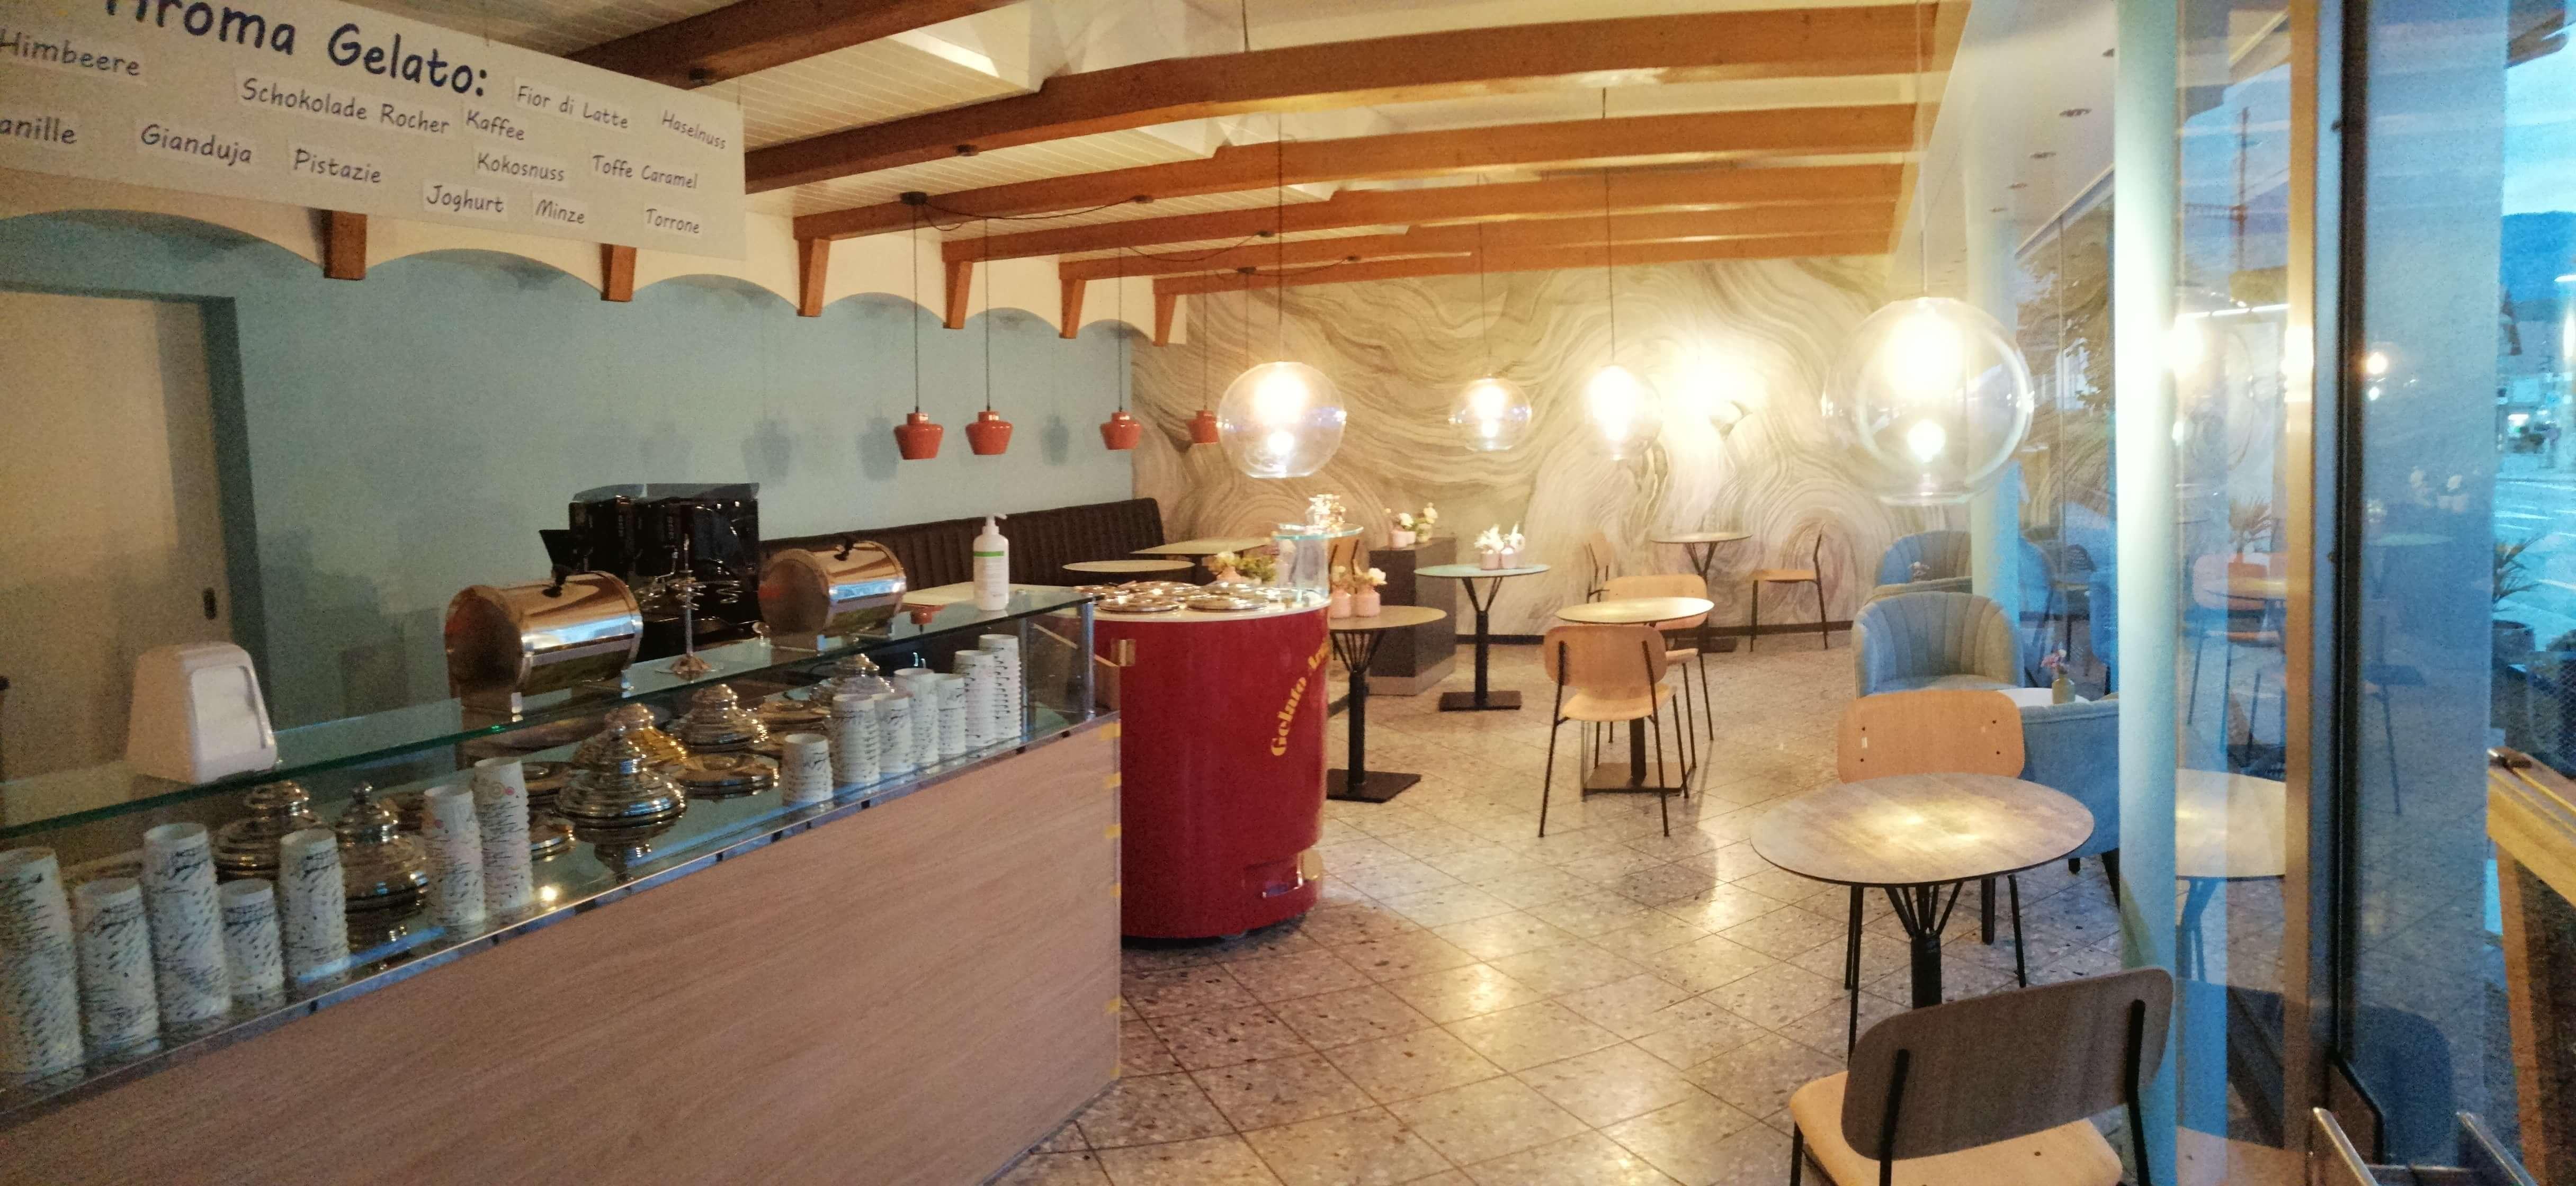 restaurant_mia osteria_gelateria_spiez.jpg